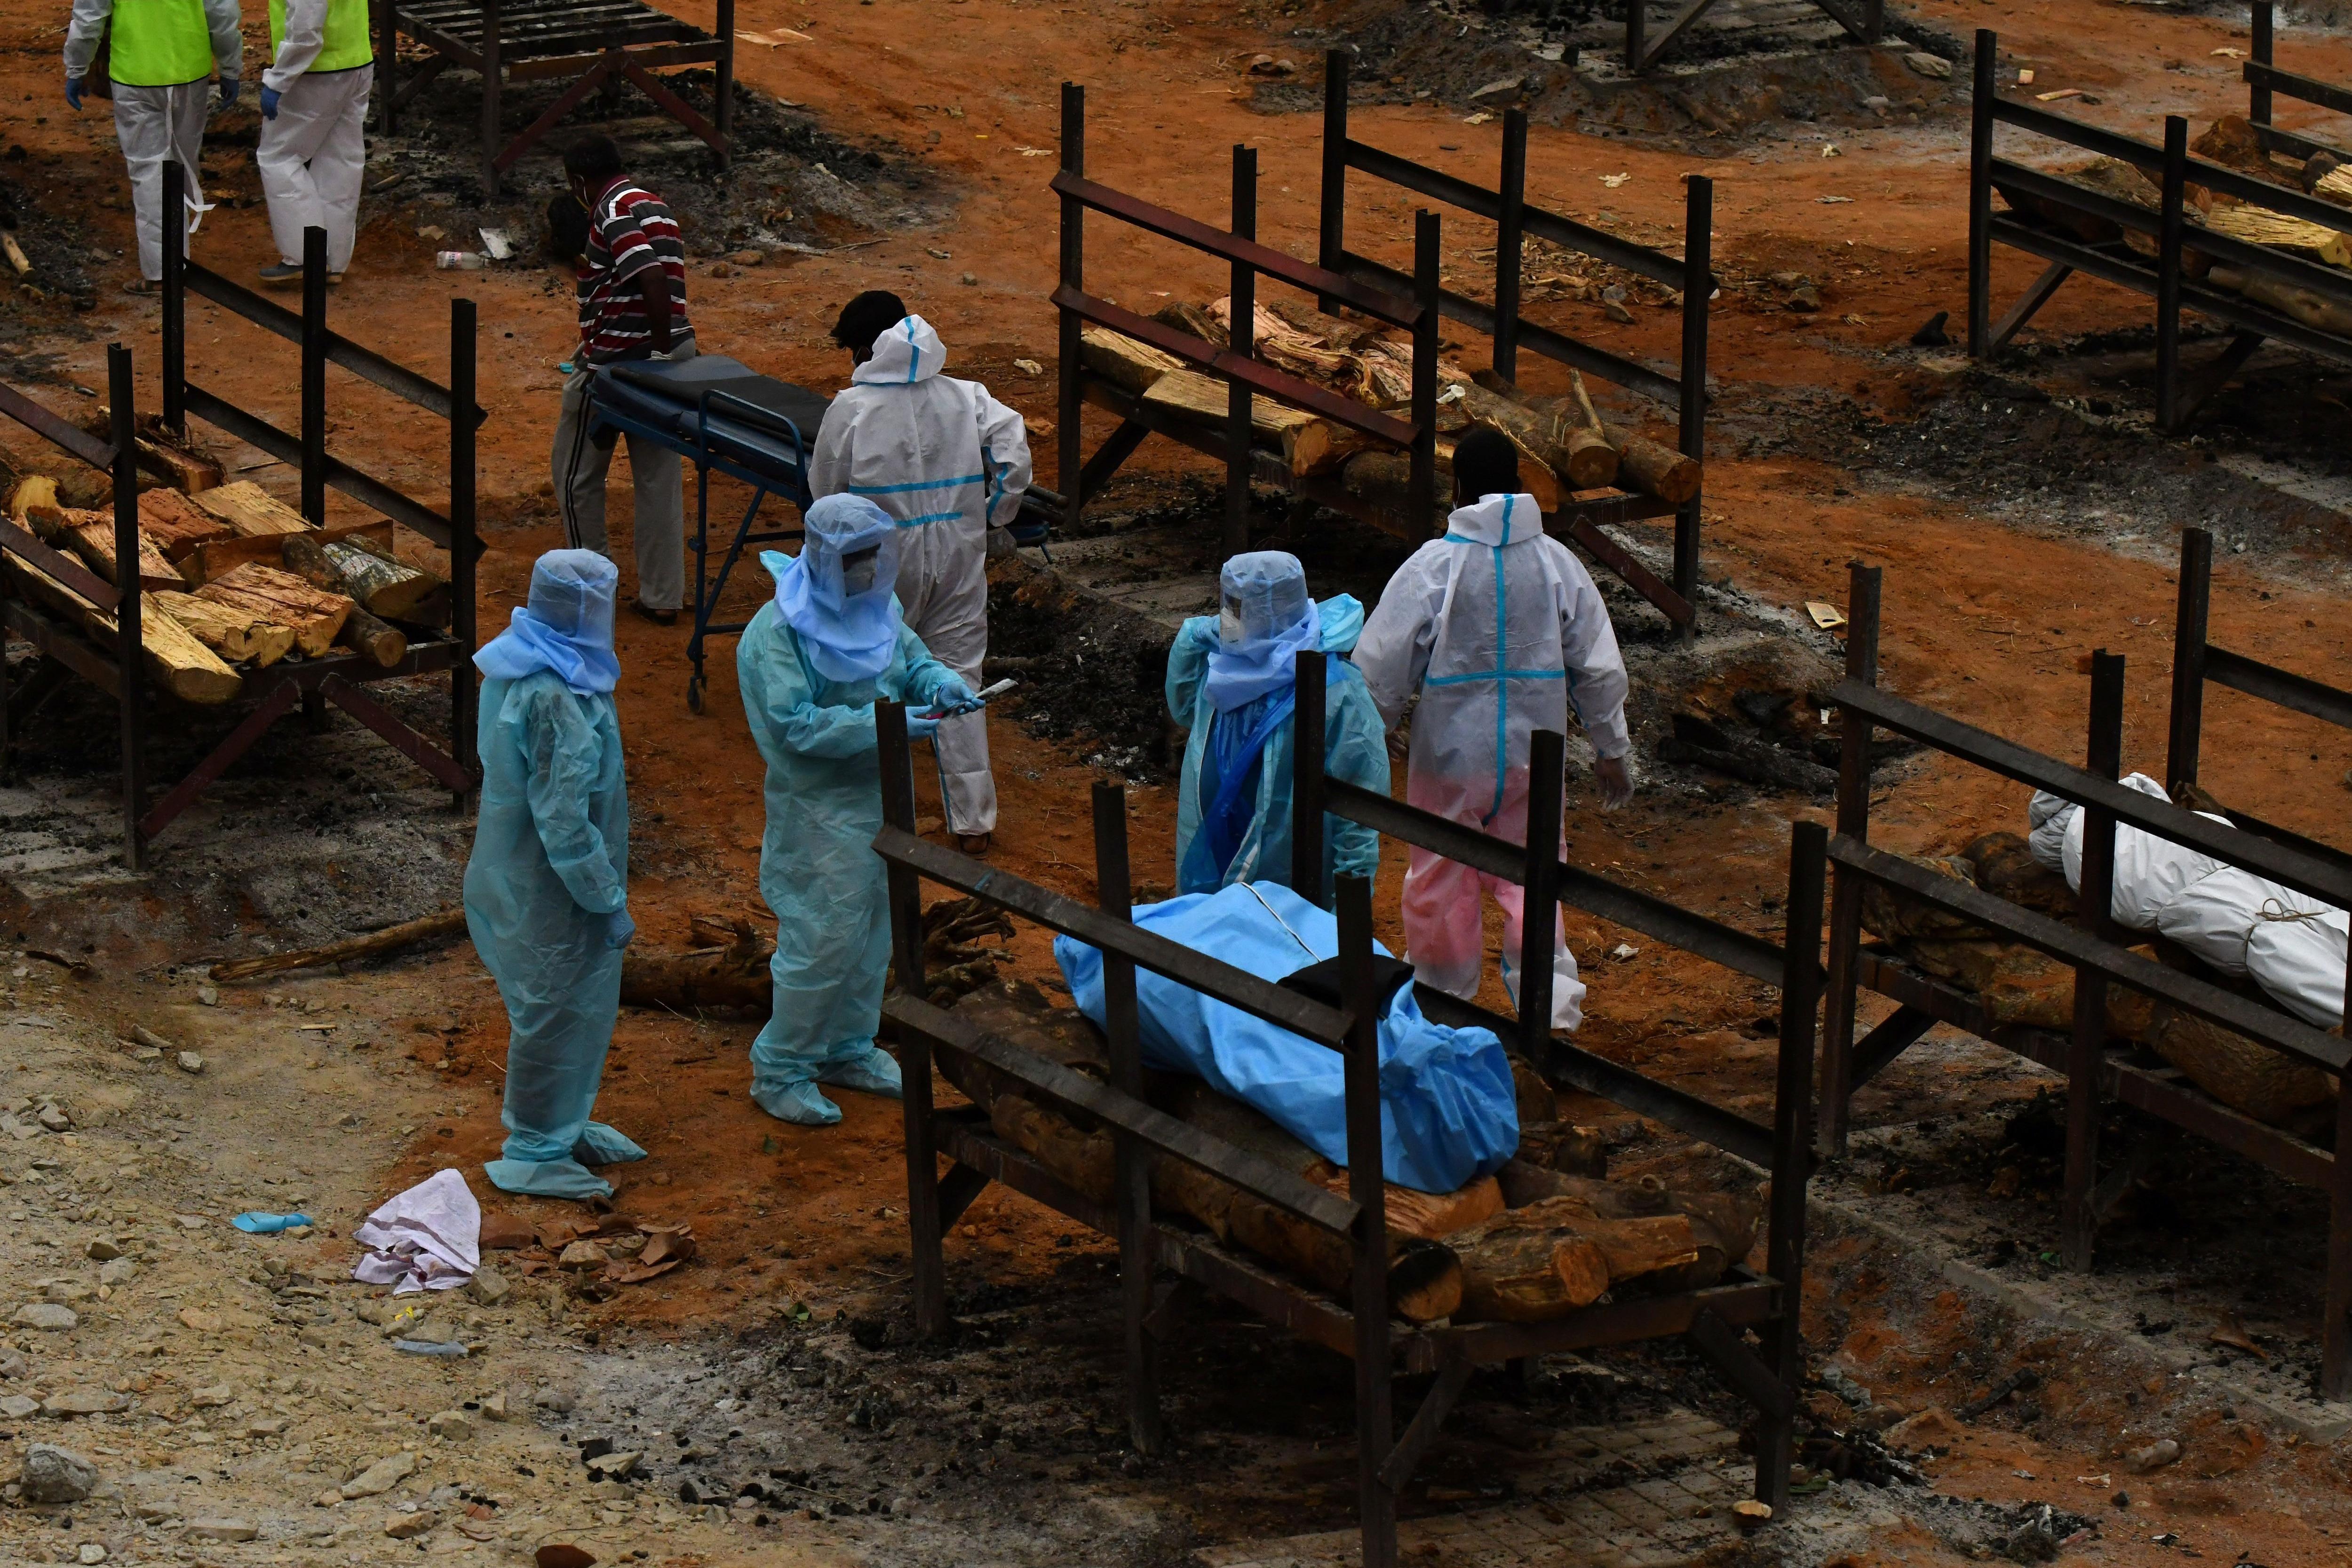 Preparativos para una cremación masiva en Bengaluru, India (Reuters)